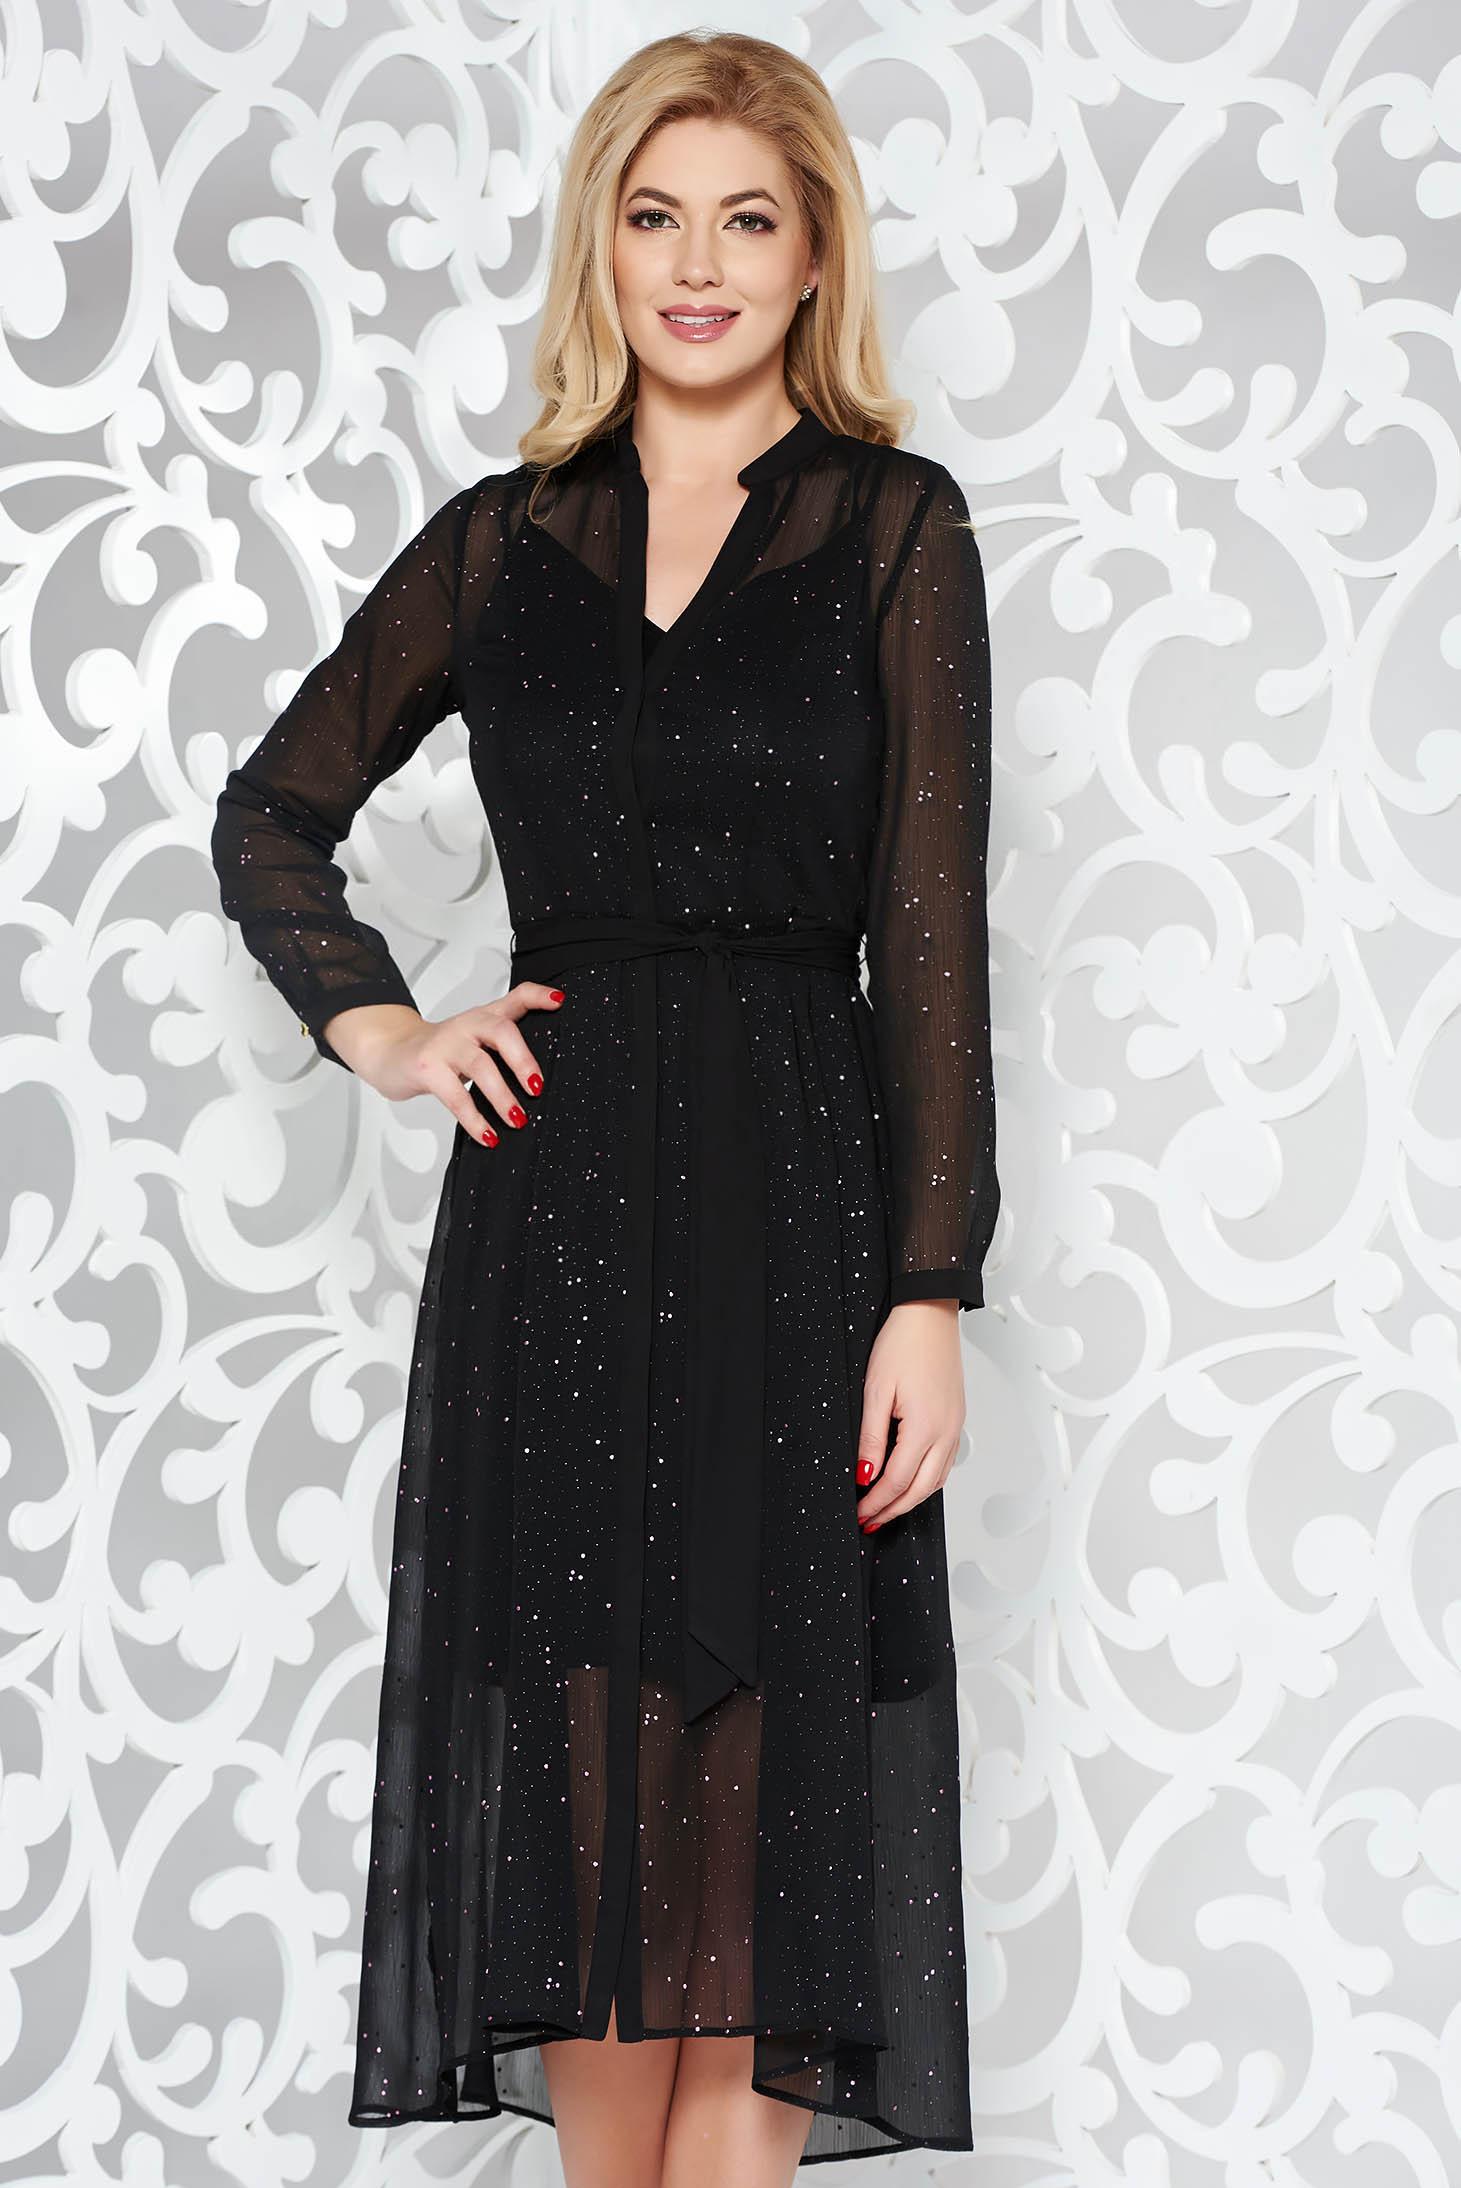 Fekete elegáns harang ruha áttetsző anyag csillogó kiegészítők övvel ellátva b2c4e1d2cf